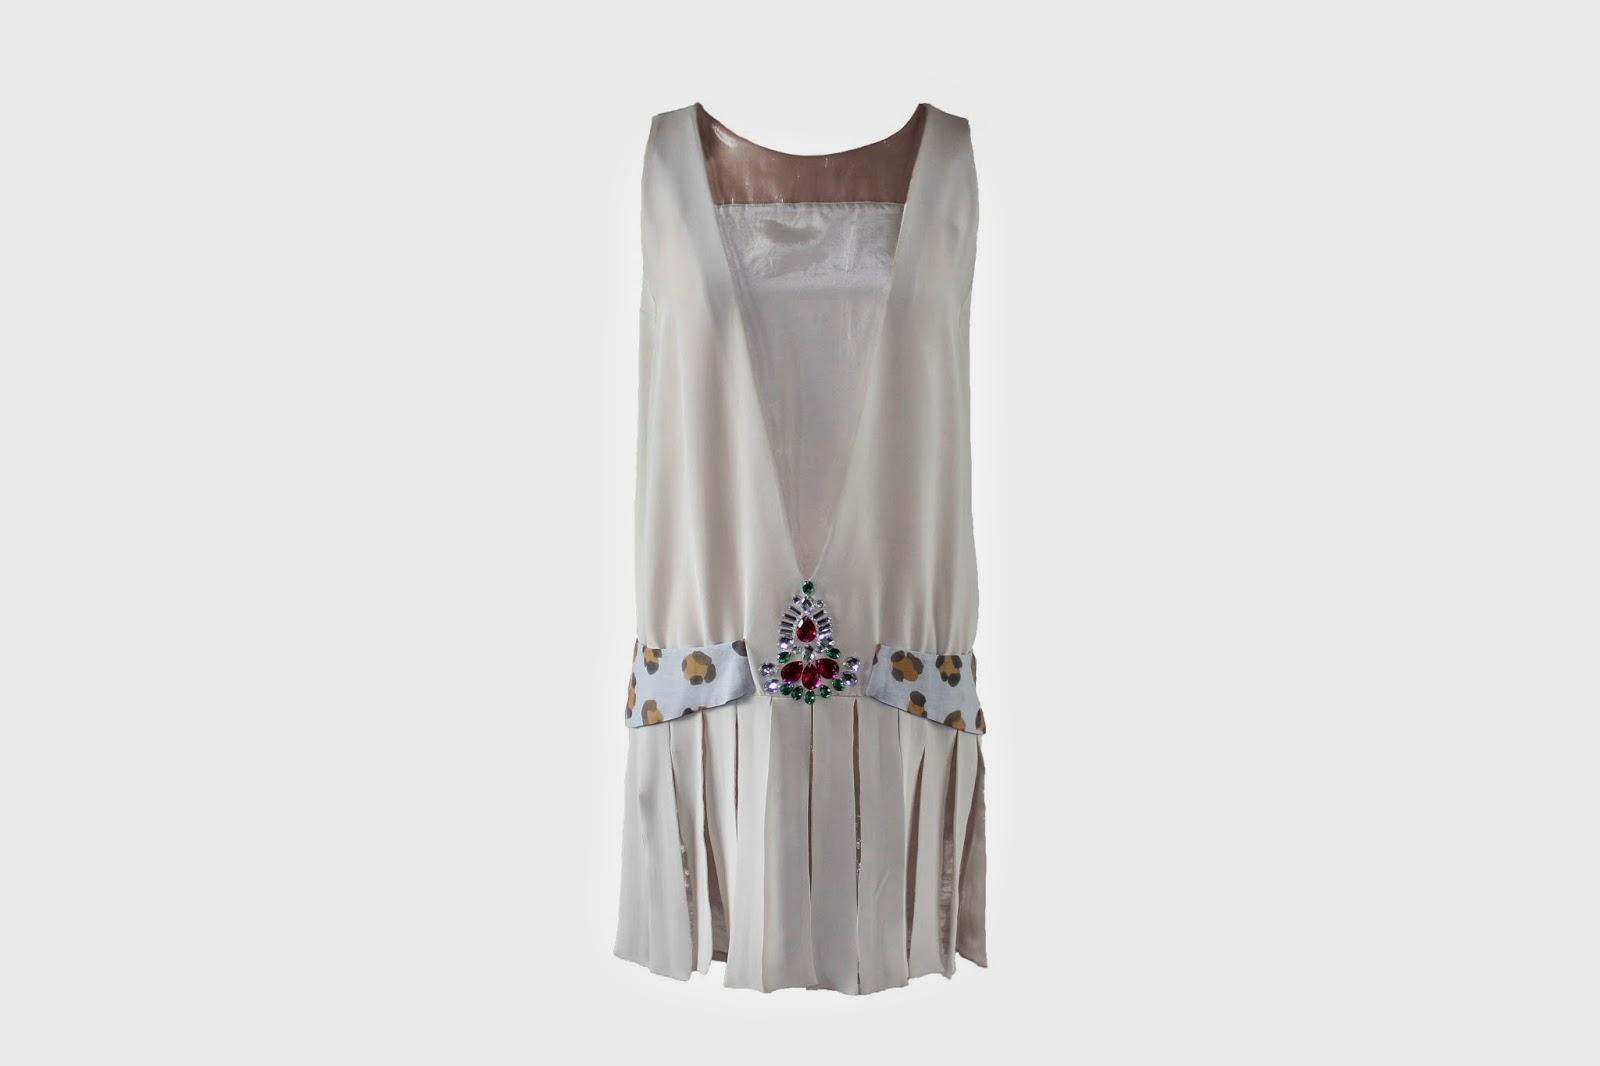 Vestido de Cristina Piña disponible en Lamasmona.com